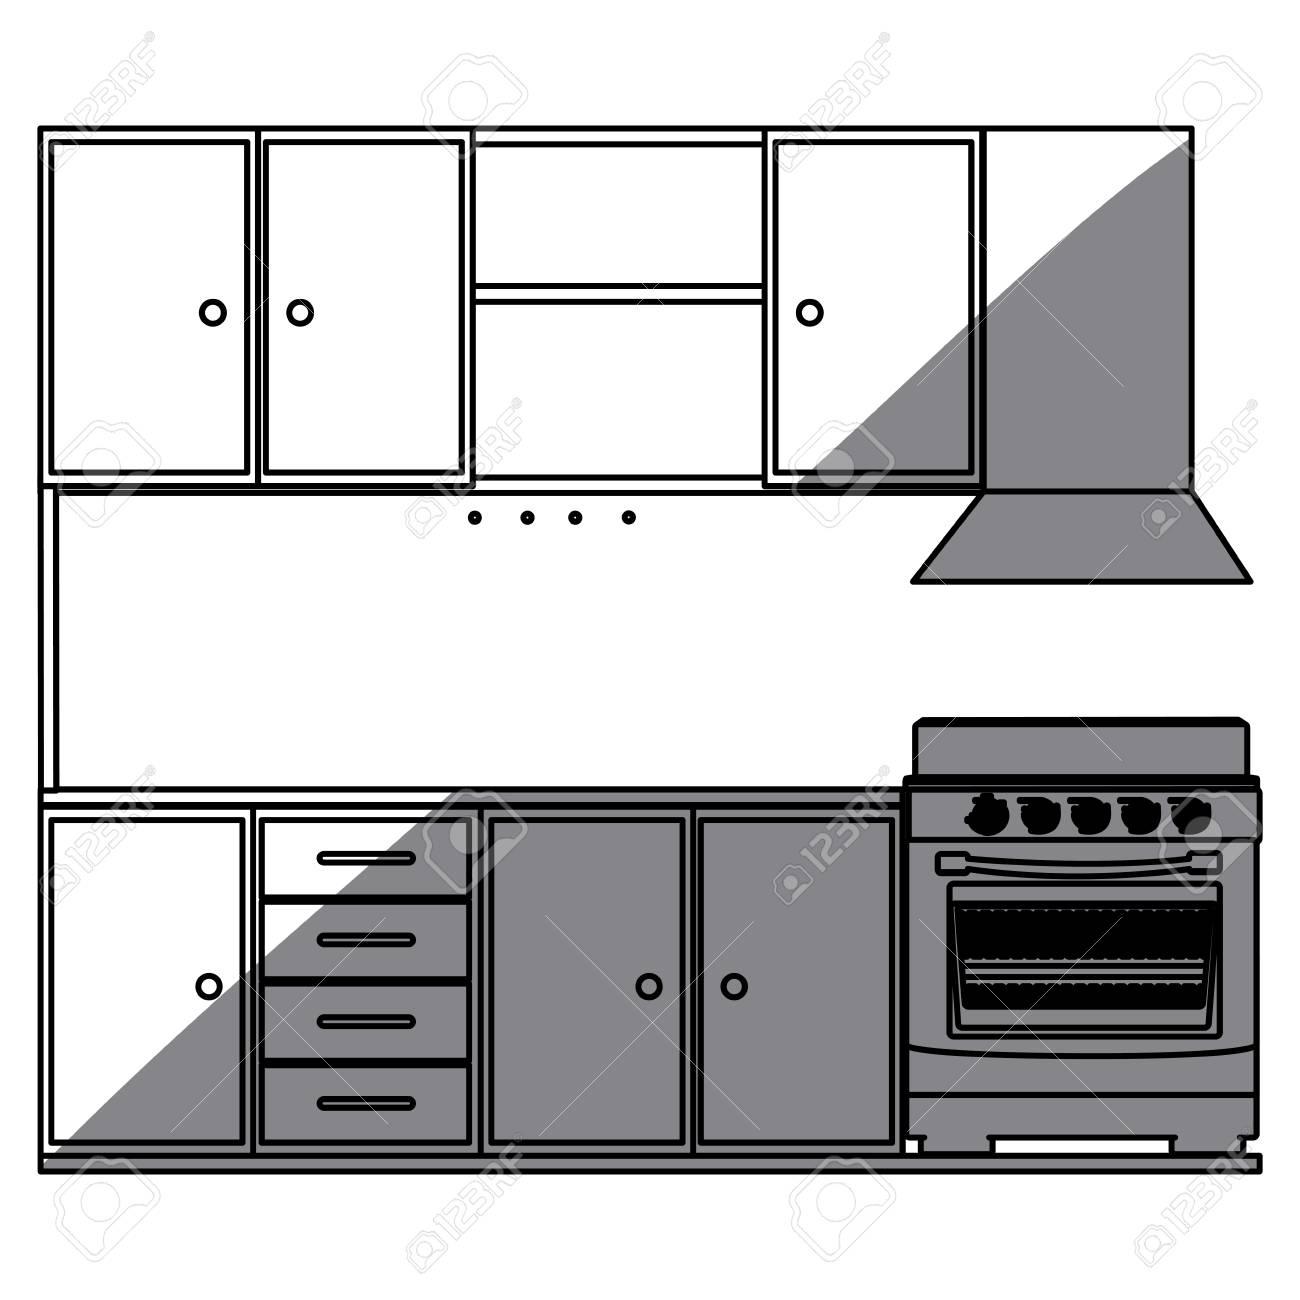 Fantastisch Farbtrends In Küchenschränken 2015 Ideen - Ideen Für Die ...